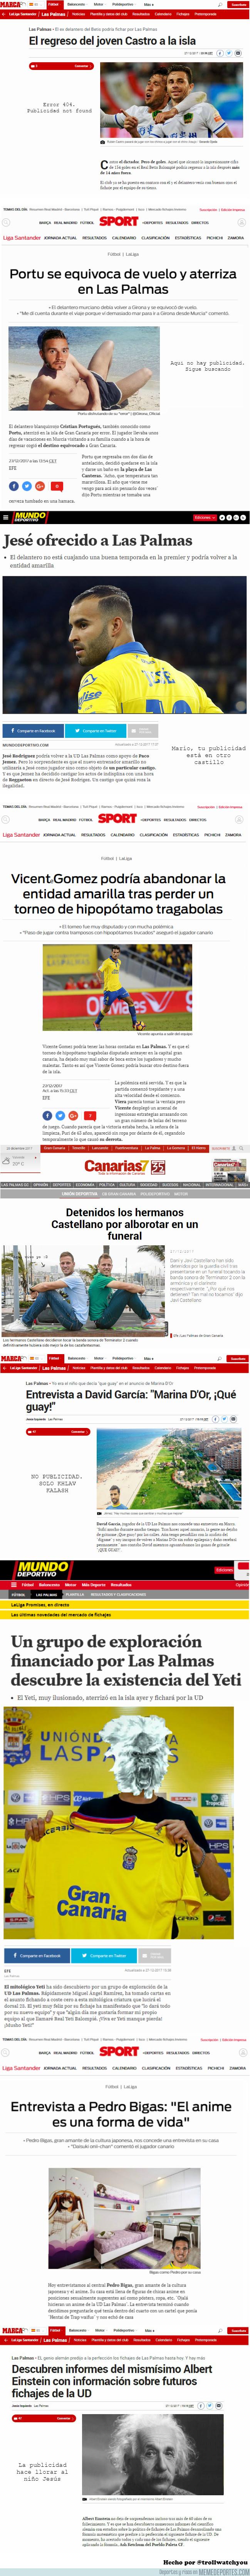 1014282 - ¡Feliz día de los inocentes! Sabrías decir cual de estas noticias de Las Palmas es falsa y cuál verdadera?